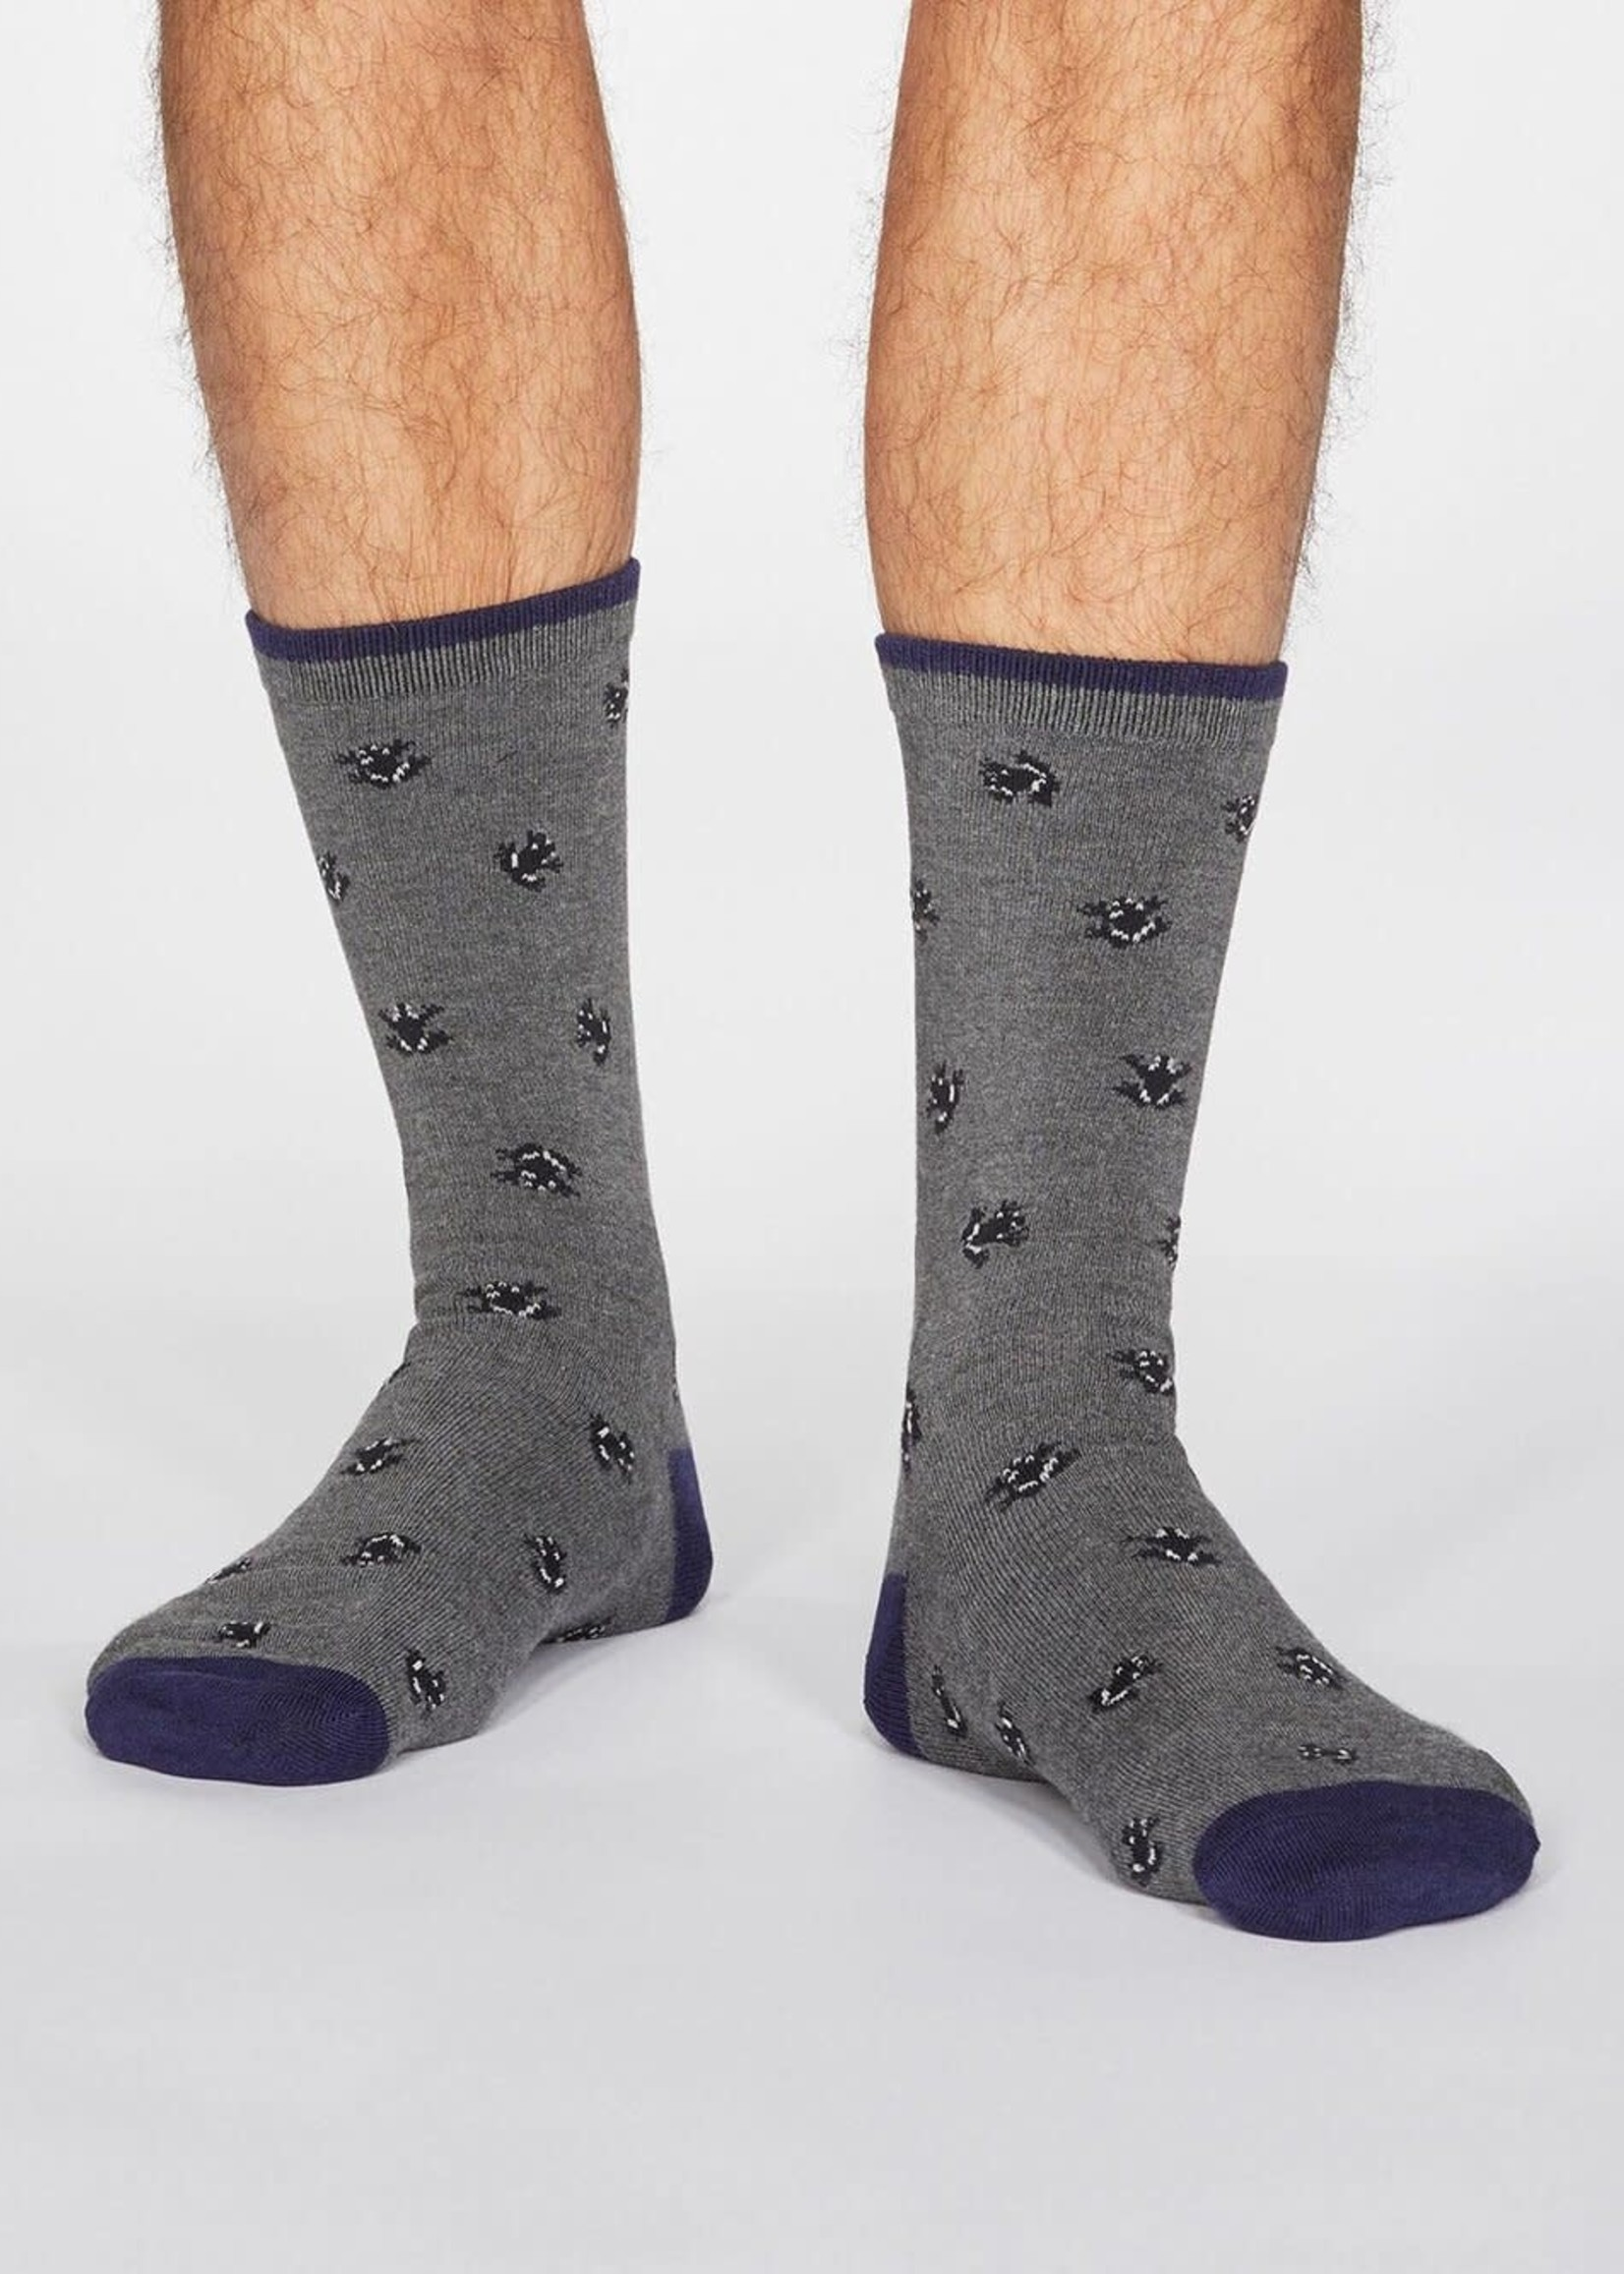 Thought Wesley Frog Socks